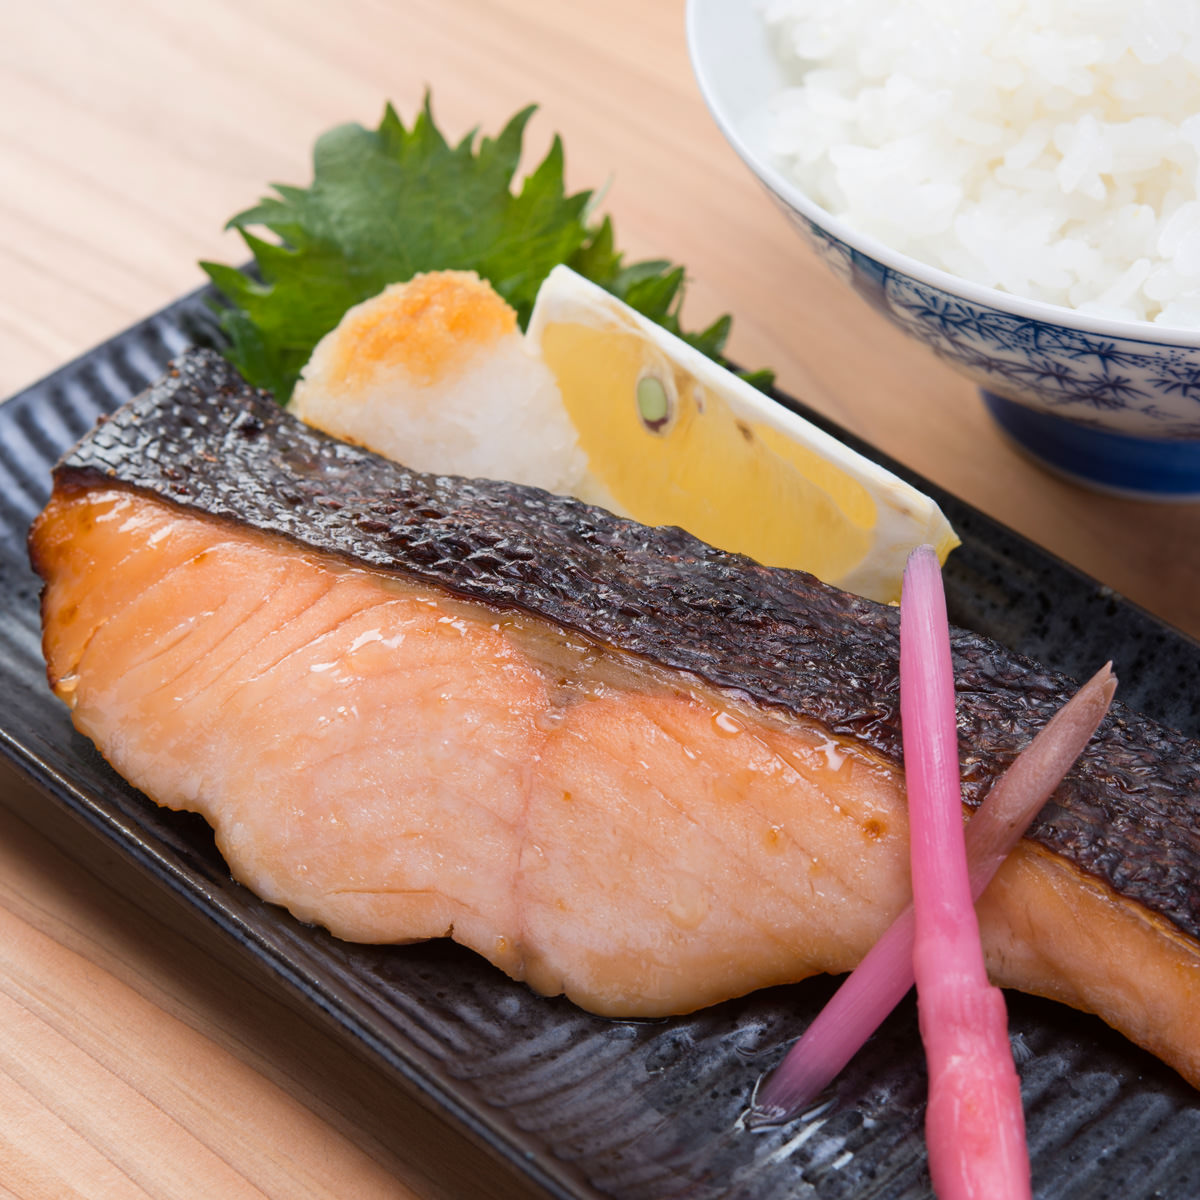 手塚商店 山形産 冷凍 鮭味噌粕漬 6切入 ギフトセット〔100g×6〕